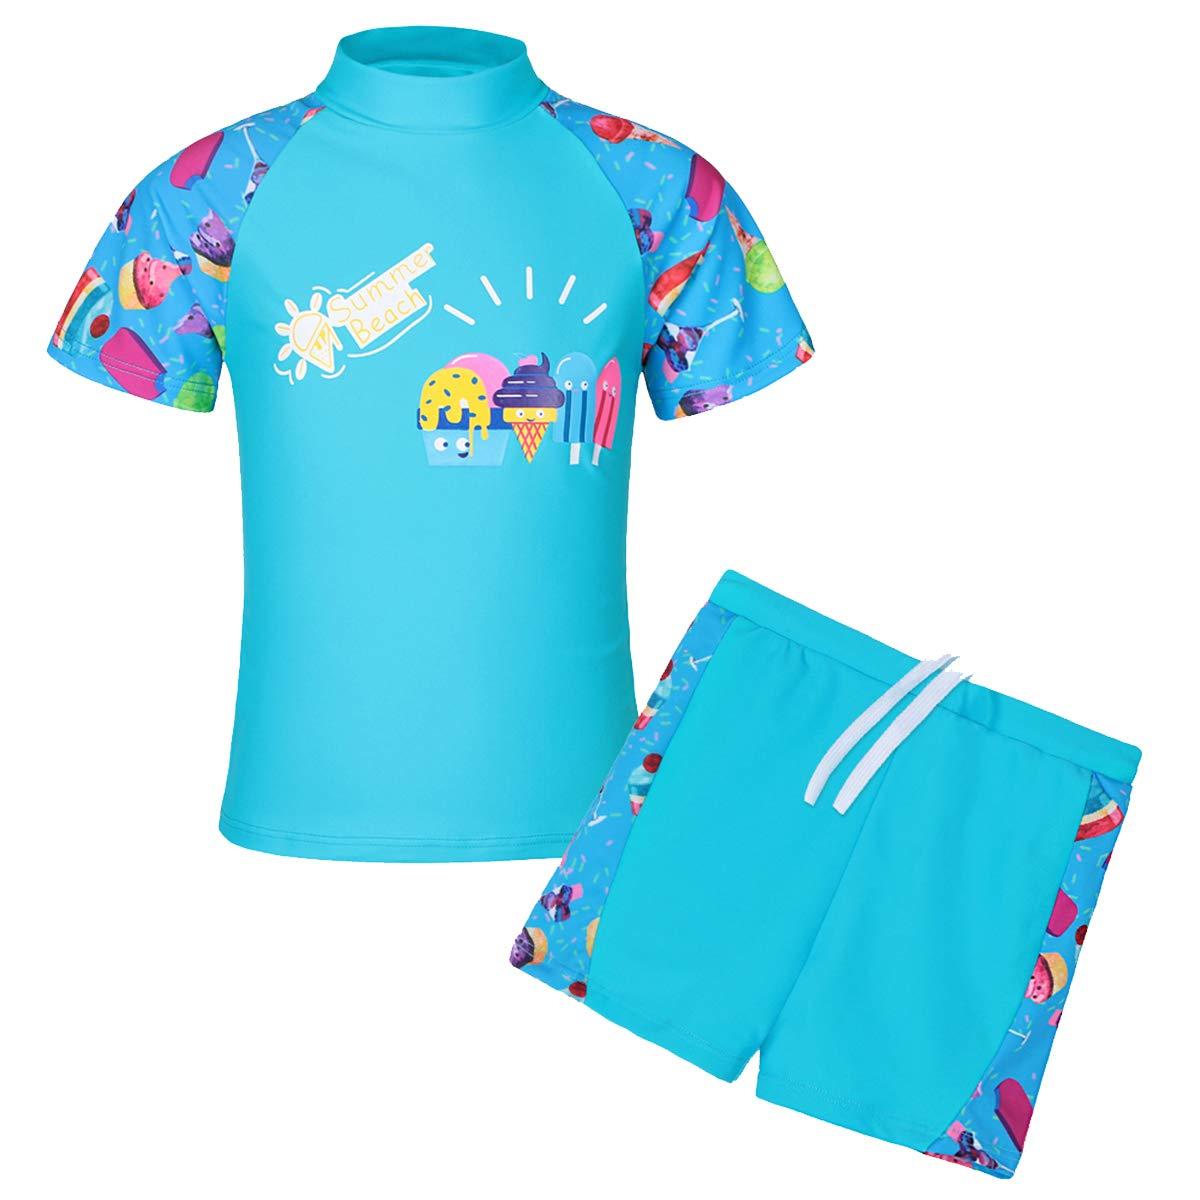 TFJH E Girls Swimsuit Yellow UPF 50+ UV,Ice Cream,7-8Years(Tag No.8A)